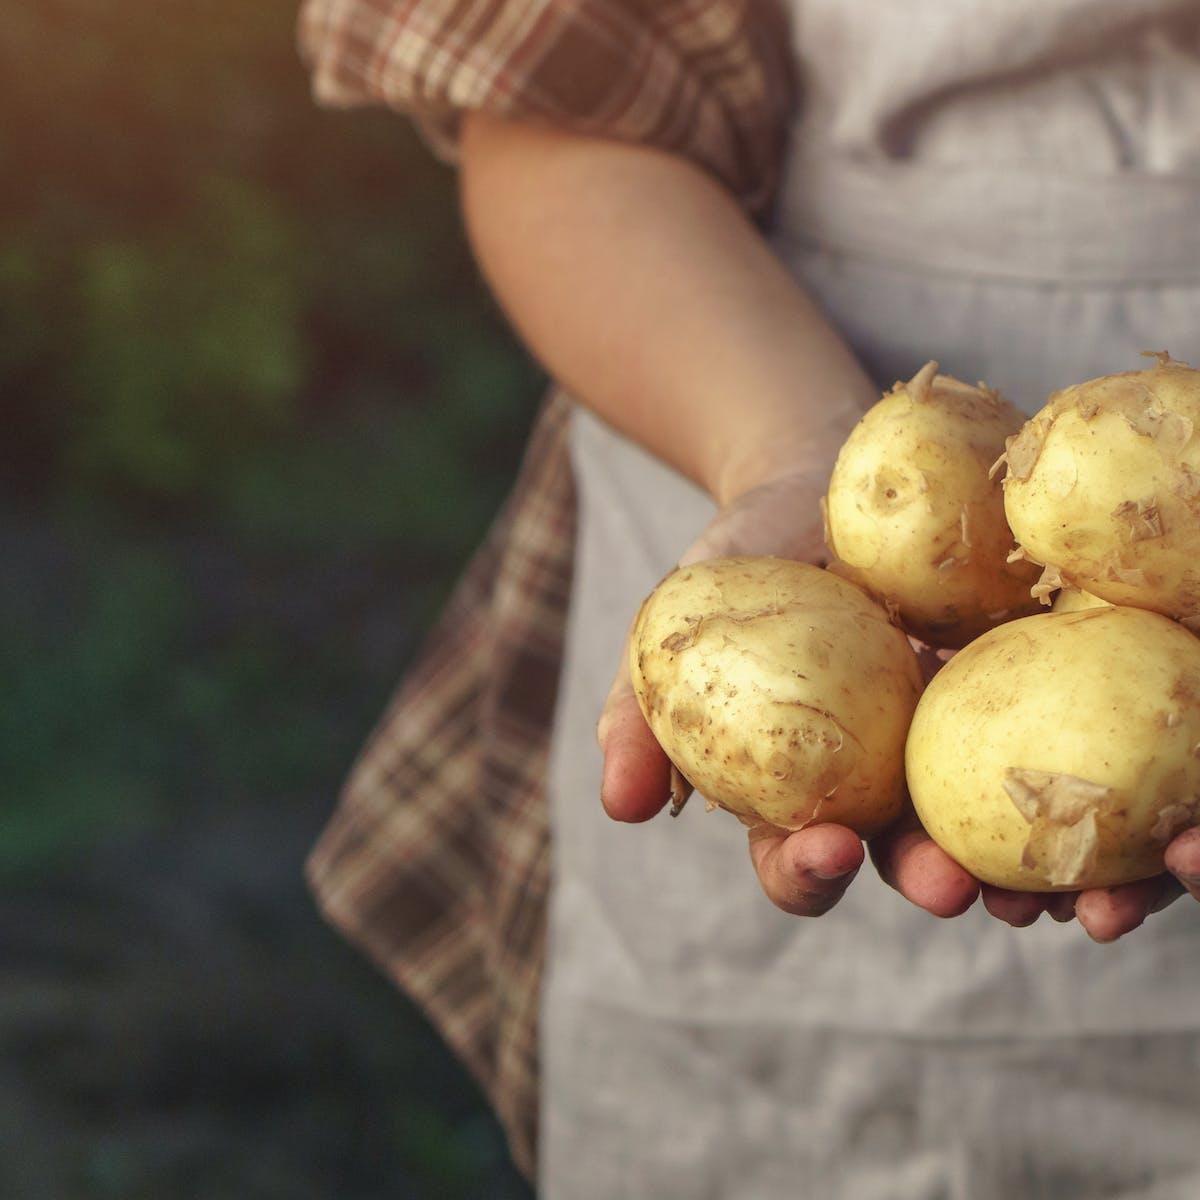 La Palabra Patata Y Lo Que Nos Cuenta Sobre Nuestra Historia